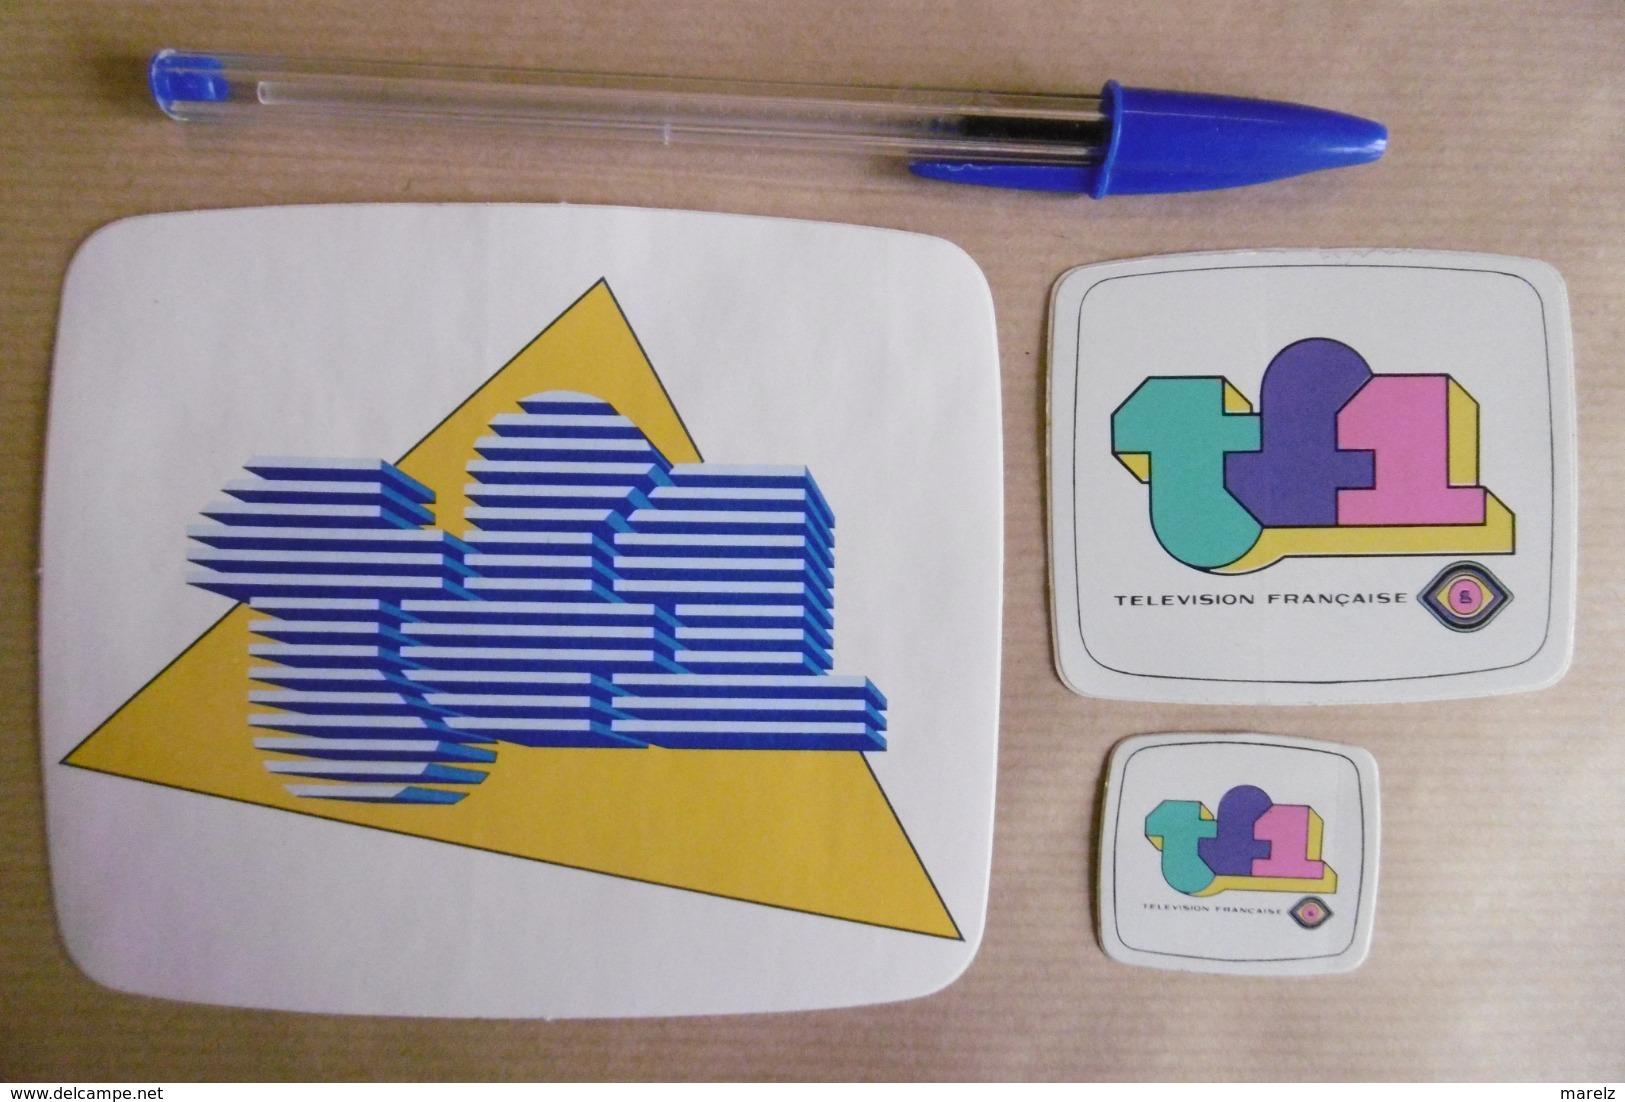 Autocollant Stickers - Médias Tv Télévision TF1 - Lot De 3 Autocollants Tous Différents - Autocollants